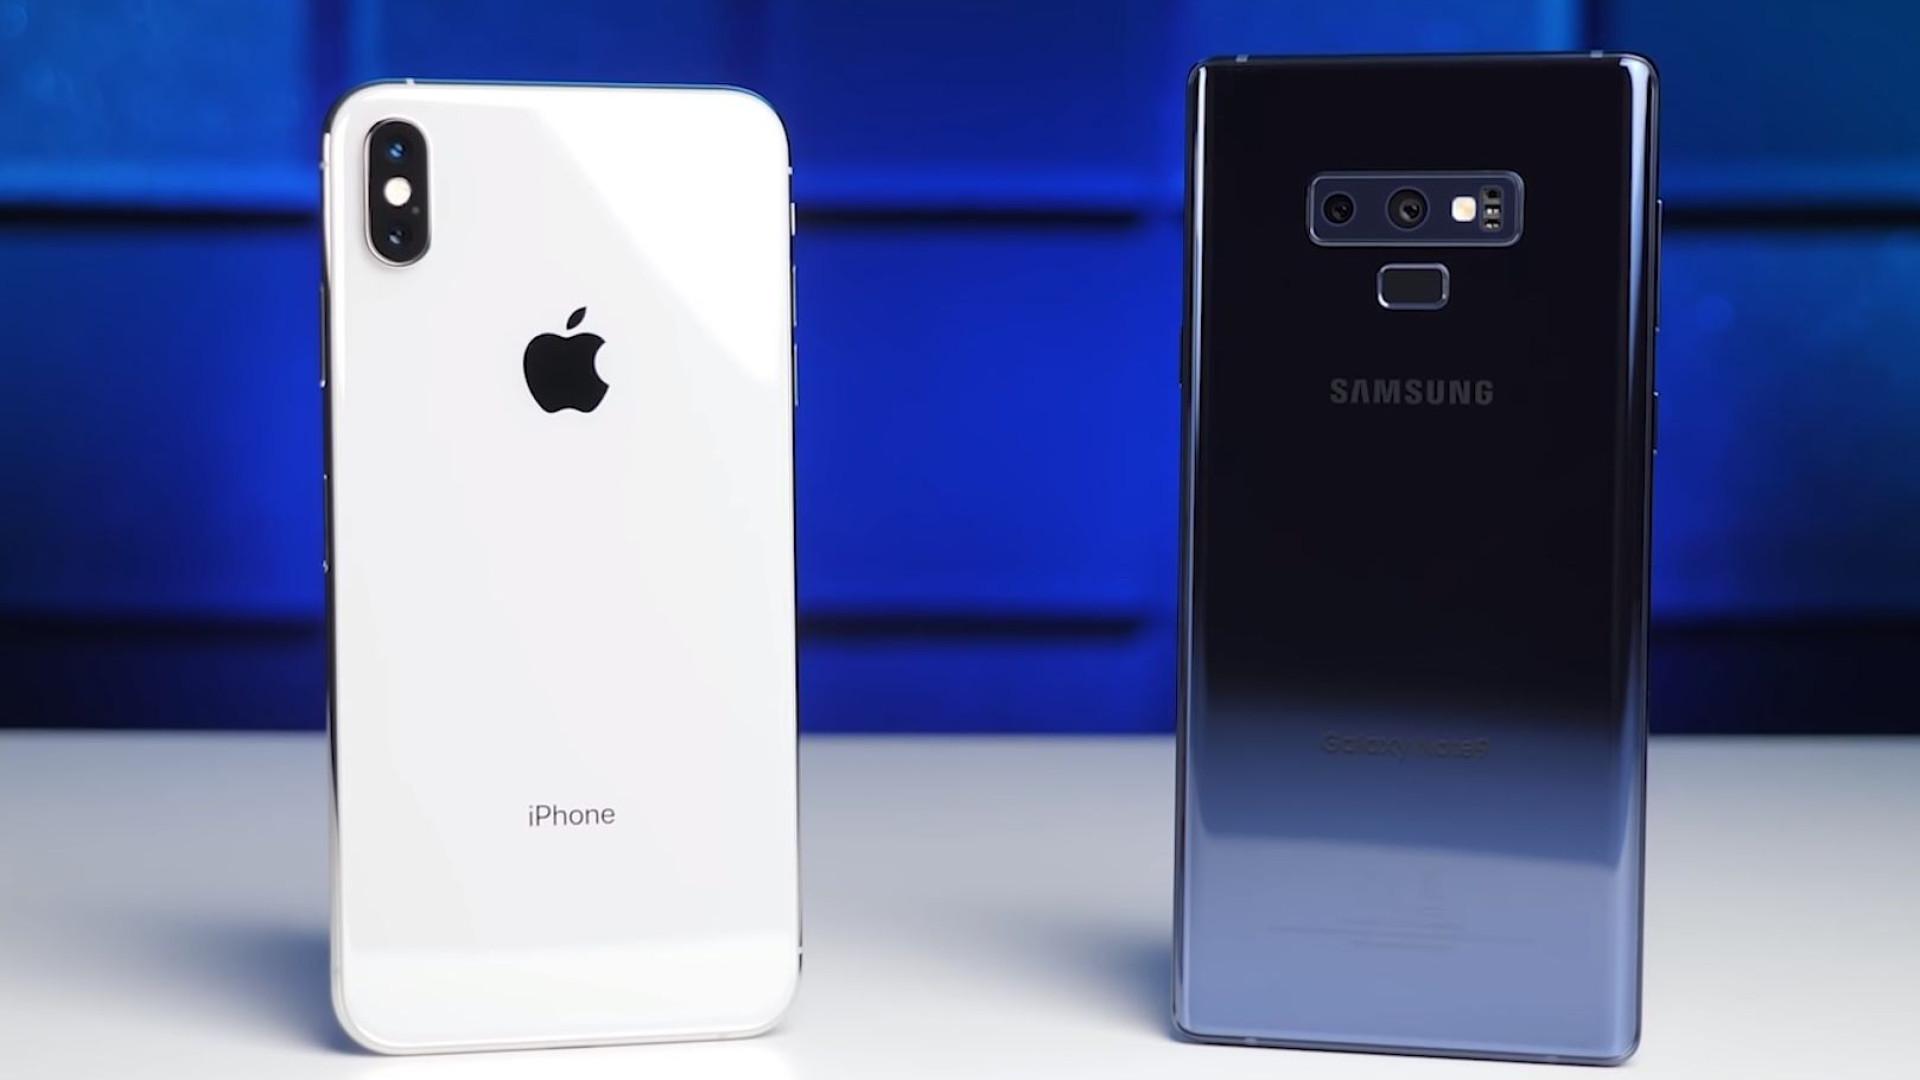 Estudo revela os smartphones preferidos de homens e mulheres